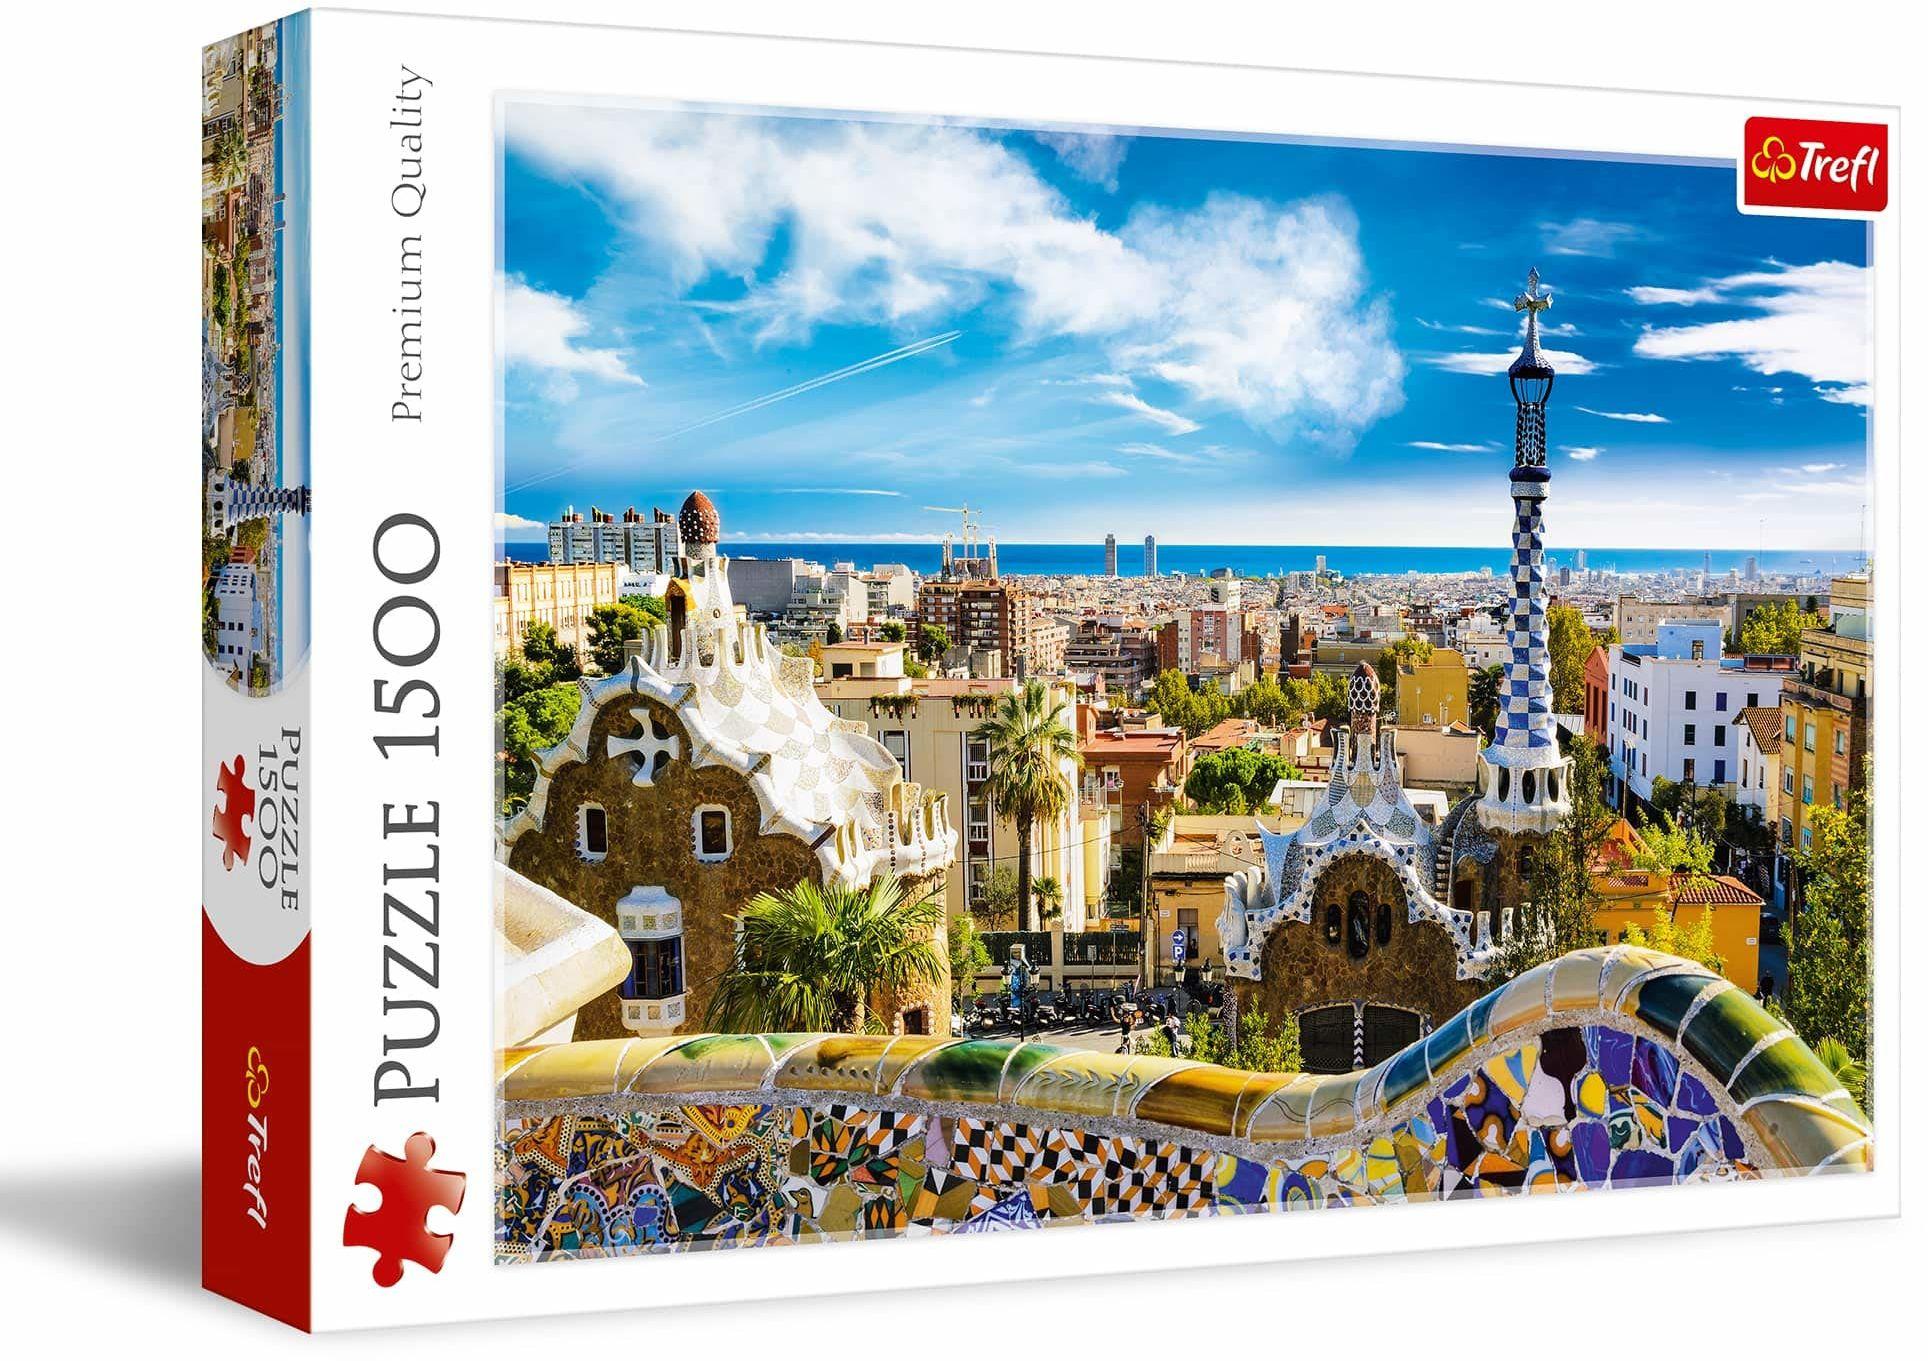 Trefl Park Güell, Barcelona Puzzle 1500 Elementów o Wysokiej Jakości Nadruku dla Dorosłych i Dzieci od 12 lat